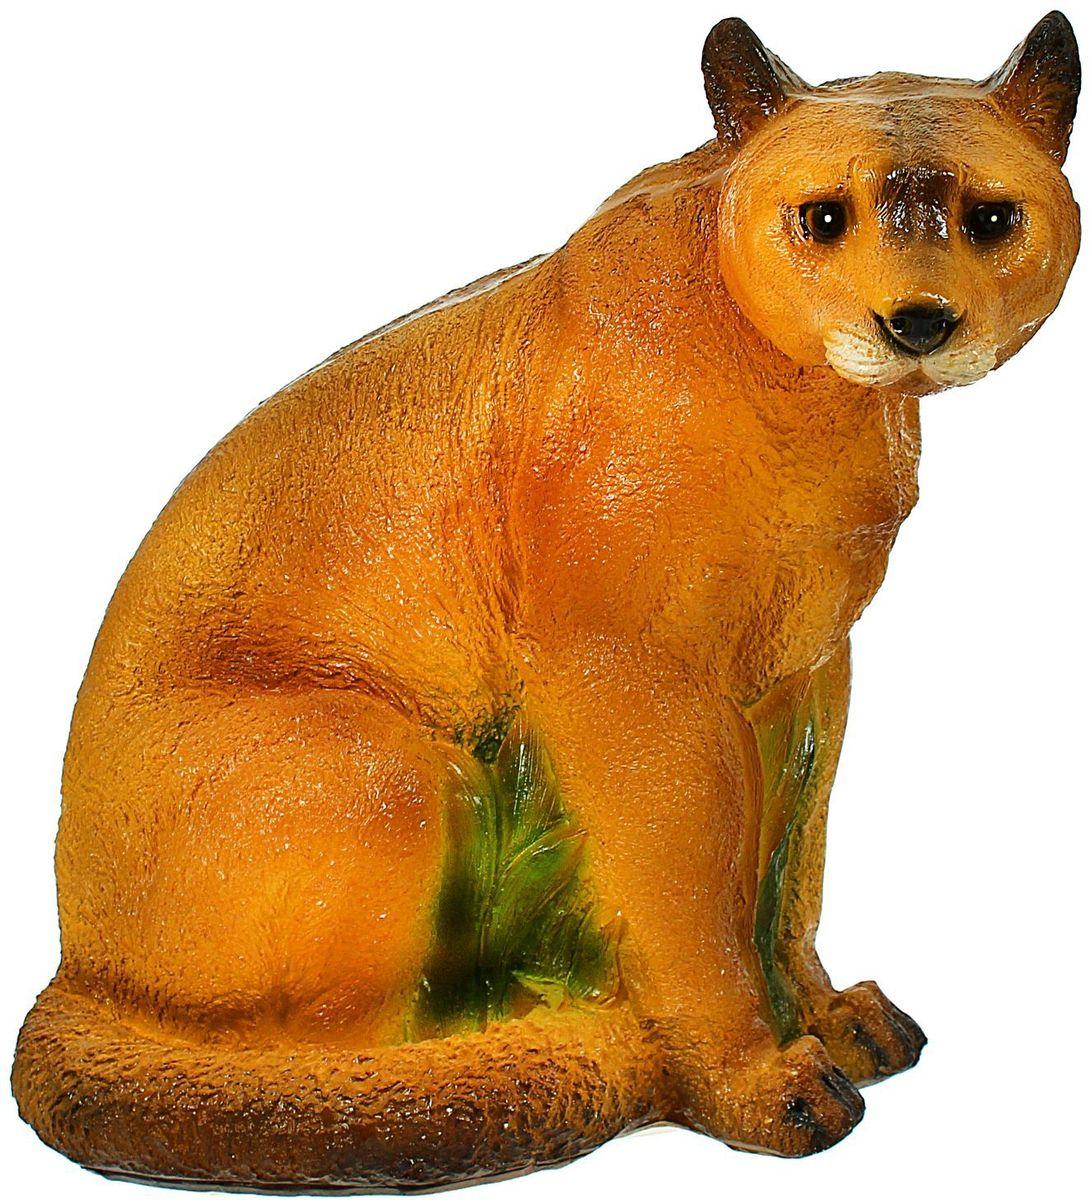 Фигура садовая Камышовый кот, 21 х 40 х 39 см1406912Садовая фигура Камышовый кот будет охранять урожай и приносить удачу. Удивите гостей и порадуйте близких - поселите у себя на дачном участке веселого жильца.Садовая фигура изготовлена из гипса.Размер фигуры: 21 х 40 х 39 см.